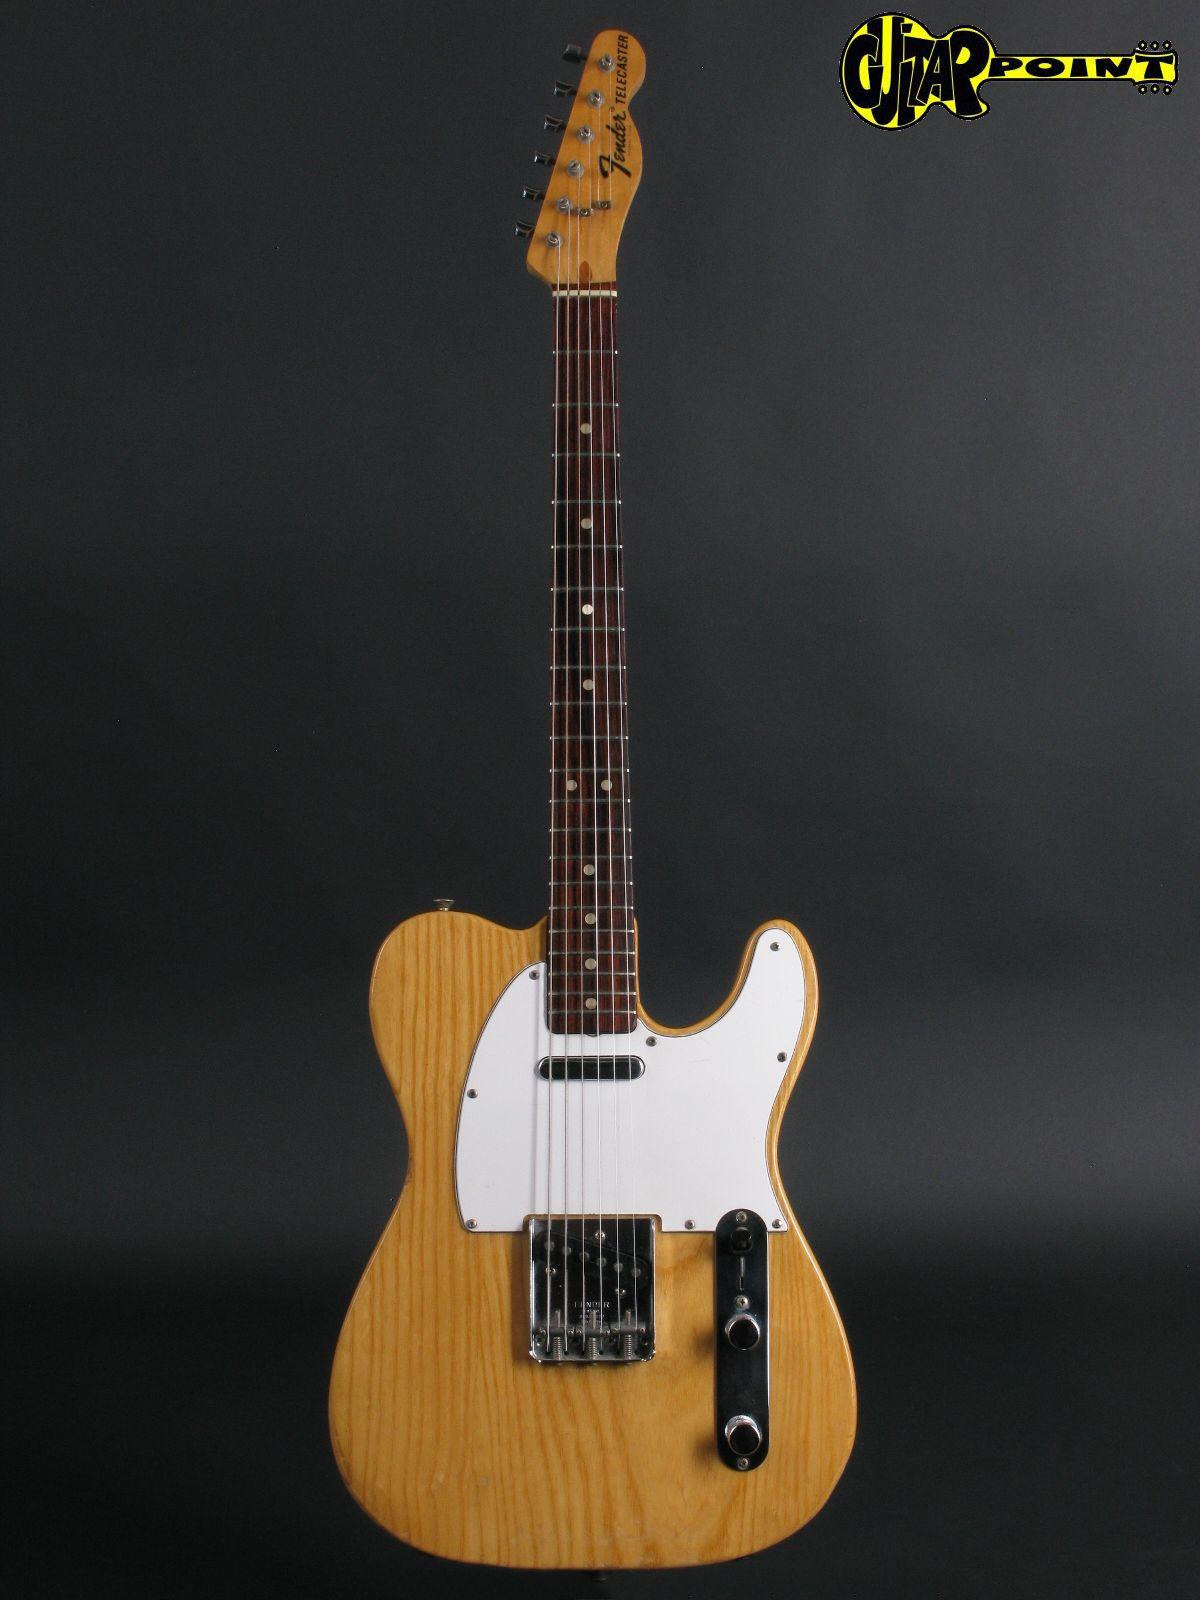 fender telecaster 1974 natural guitar for sale guitarpoint. Black Bedroom Furniture Sets. Home Design Ideas